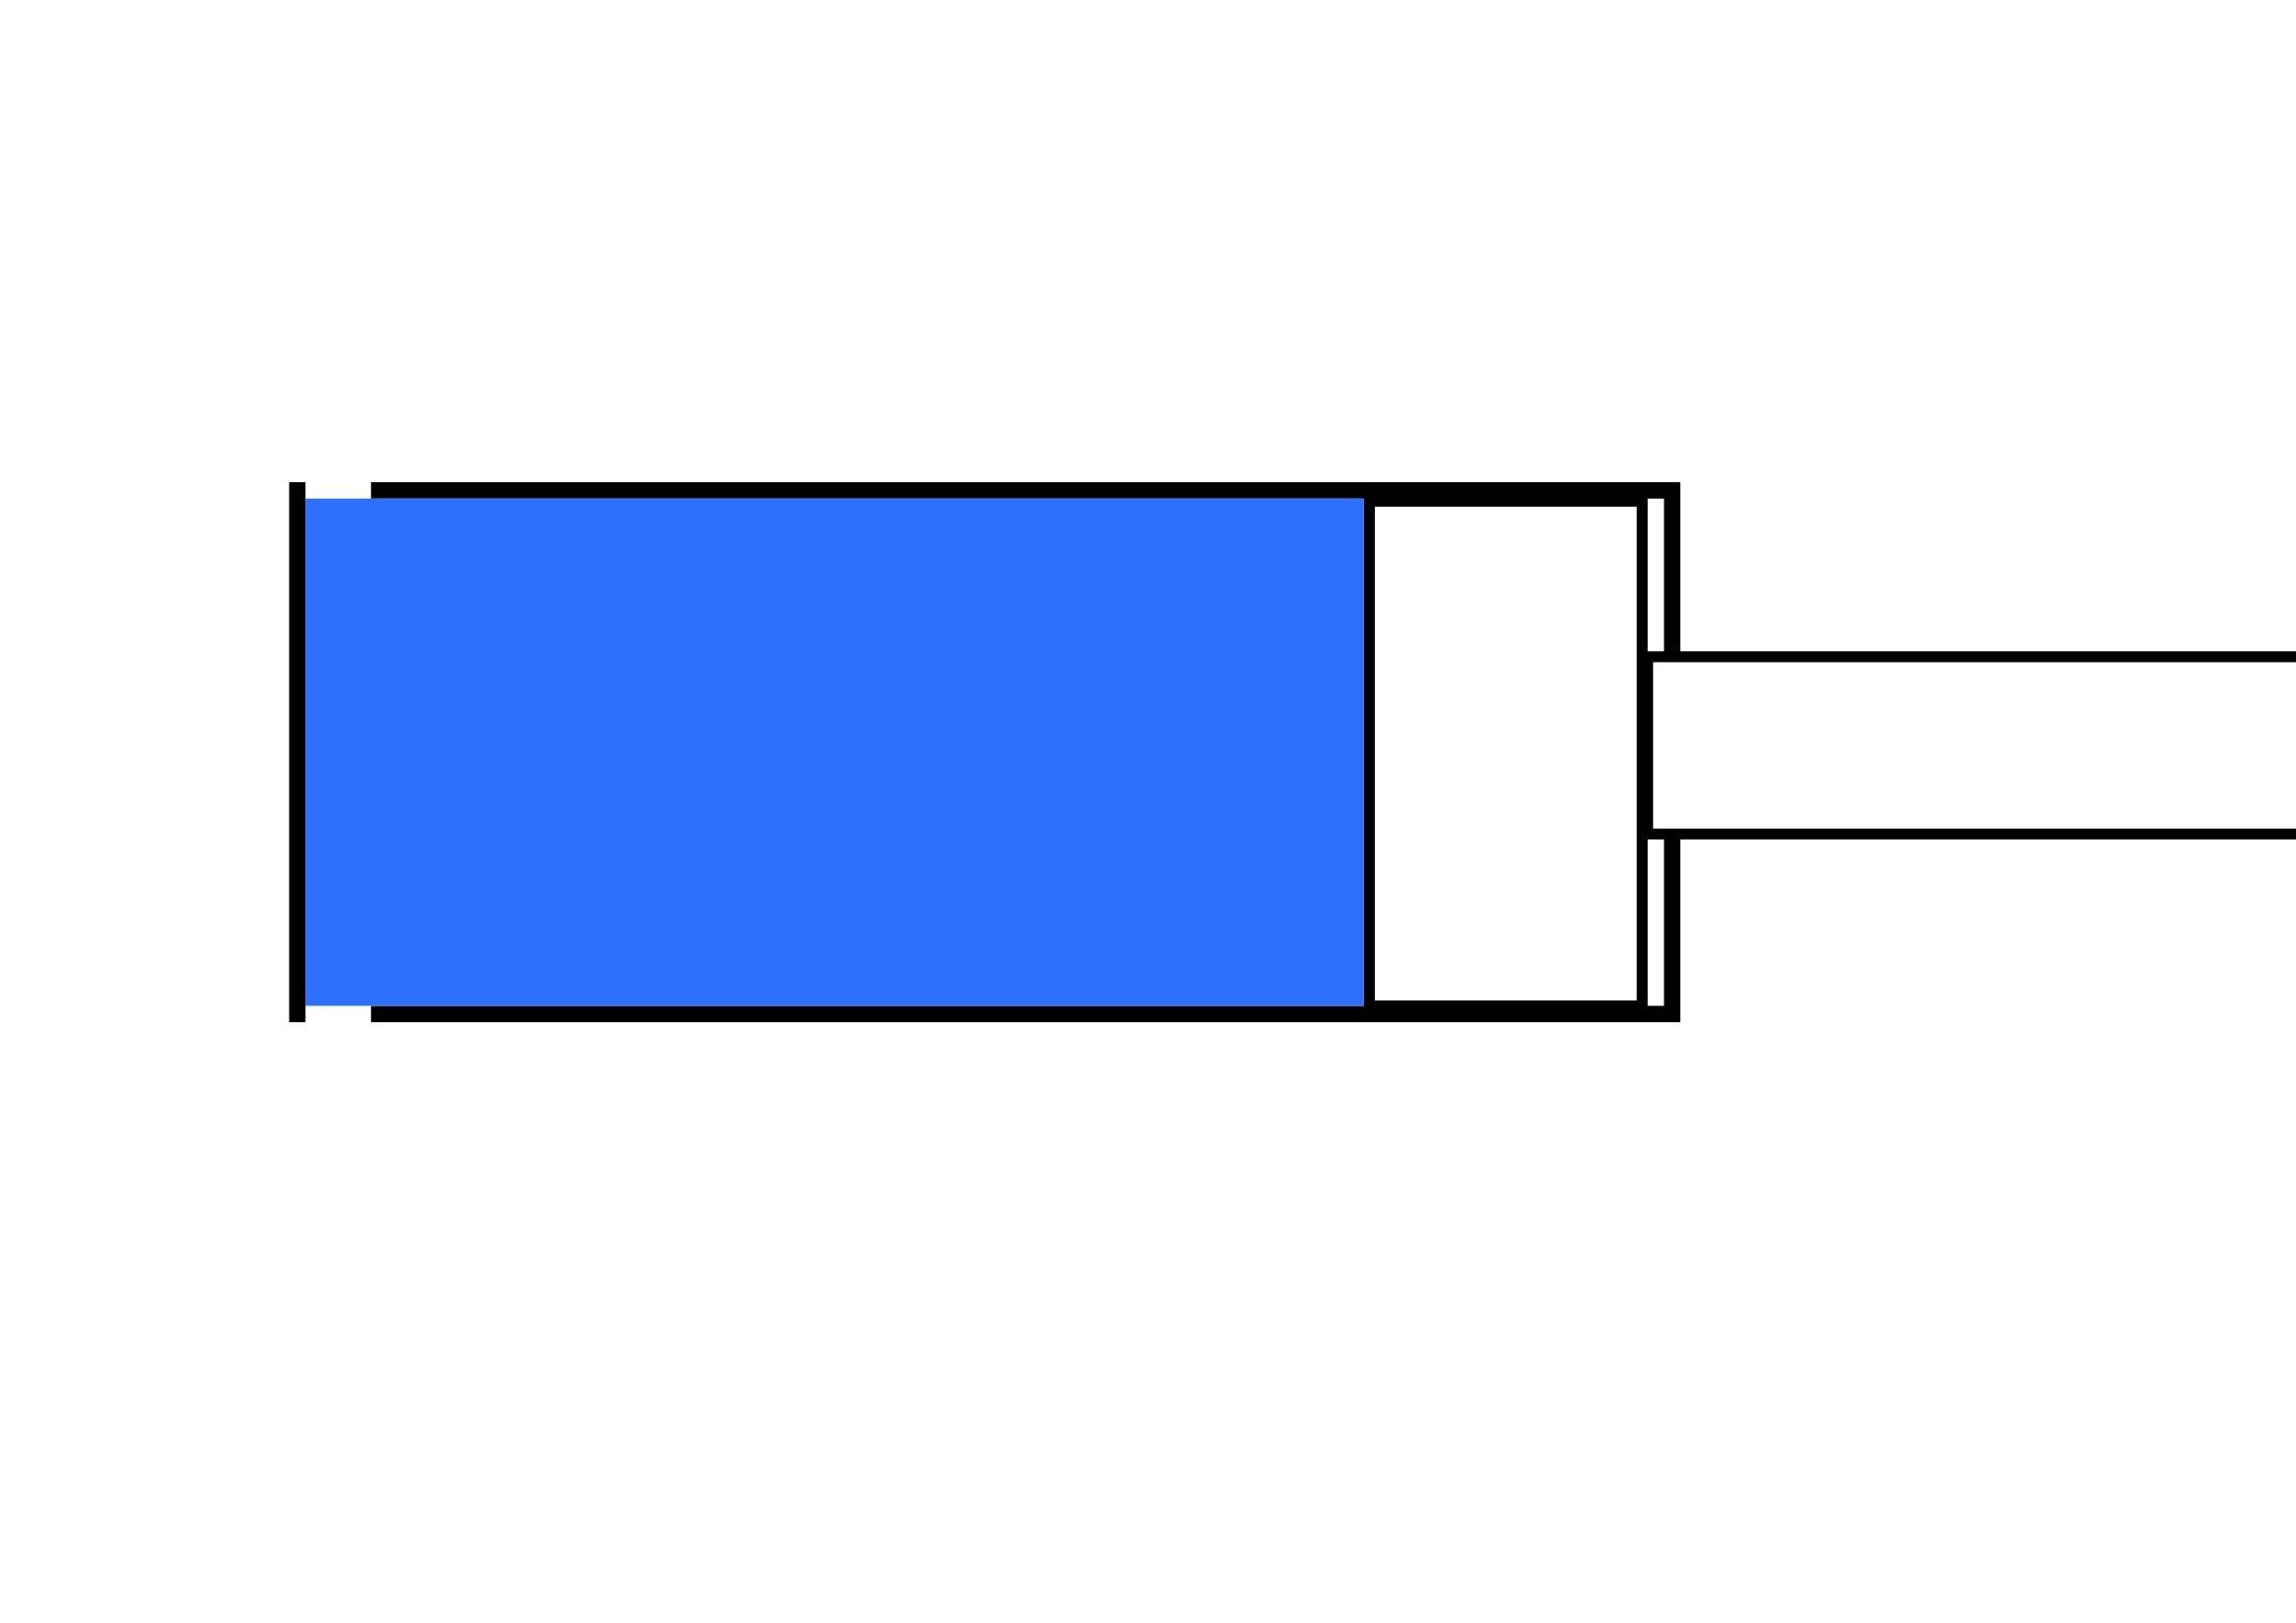 【DB7】オーリンズダンパー考察(その4)_e0159646_3231340.jpg